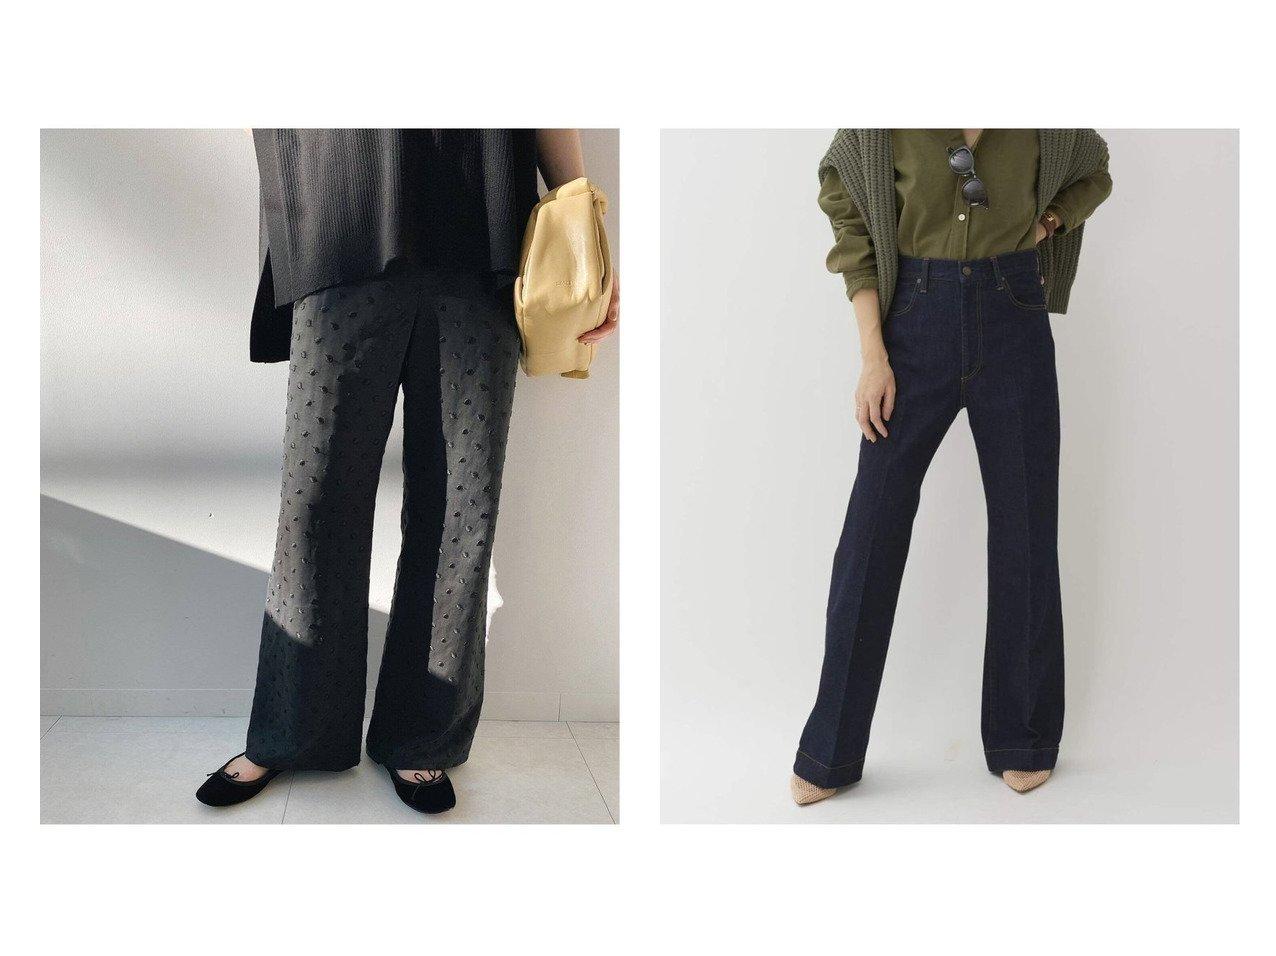 【Plage/プラージュ】のセンタープレスデニムパンツ3&【IENA/イエナ】のエンブロイダリードットイージーパンツ 【パンツ】おすすめ!人気、トレンド・レディースファッションの通販 おすすめで人気の流行・トレンド、ファッションの通販商品 インテリア・家具・メンズファッション・キッズファッション・レディースファッション・服の通販 founy(ファニー) https://founy.com/ ファッション Fashion レディースファッション WOMEN パンツ Pants デニムパンツ Denim Pants 2021年 2021 2021-2022秋冬・A/W AW・Autumn/Winter・FW・Fall-Winter・2021-2022 A/W・秋冬 AW・Autumn/Winter・FW・Fall-Winter ジーンズ スラックス ドット フレア  ID:crp329100000070566